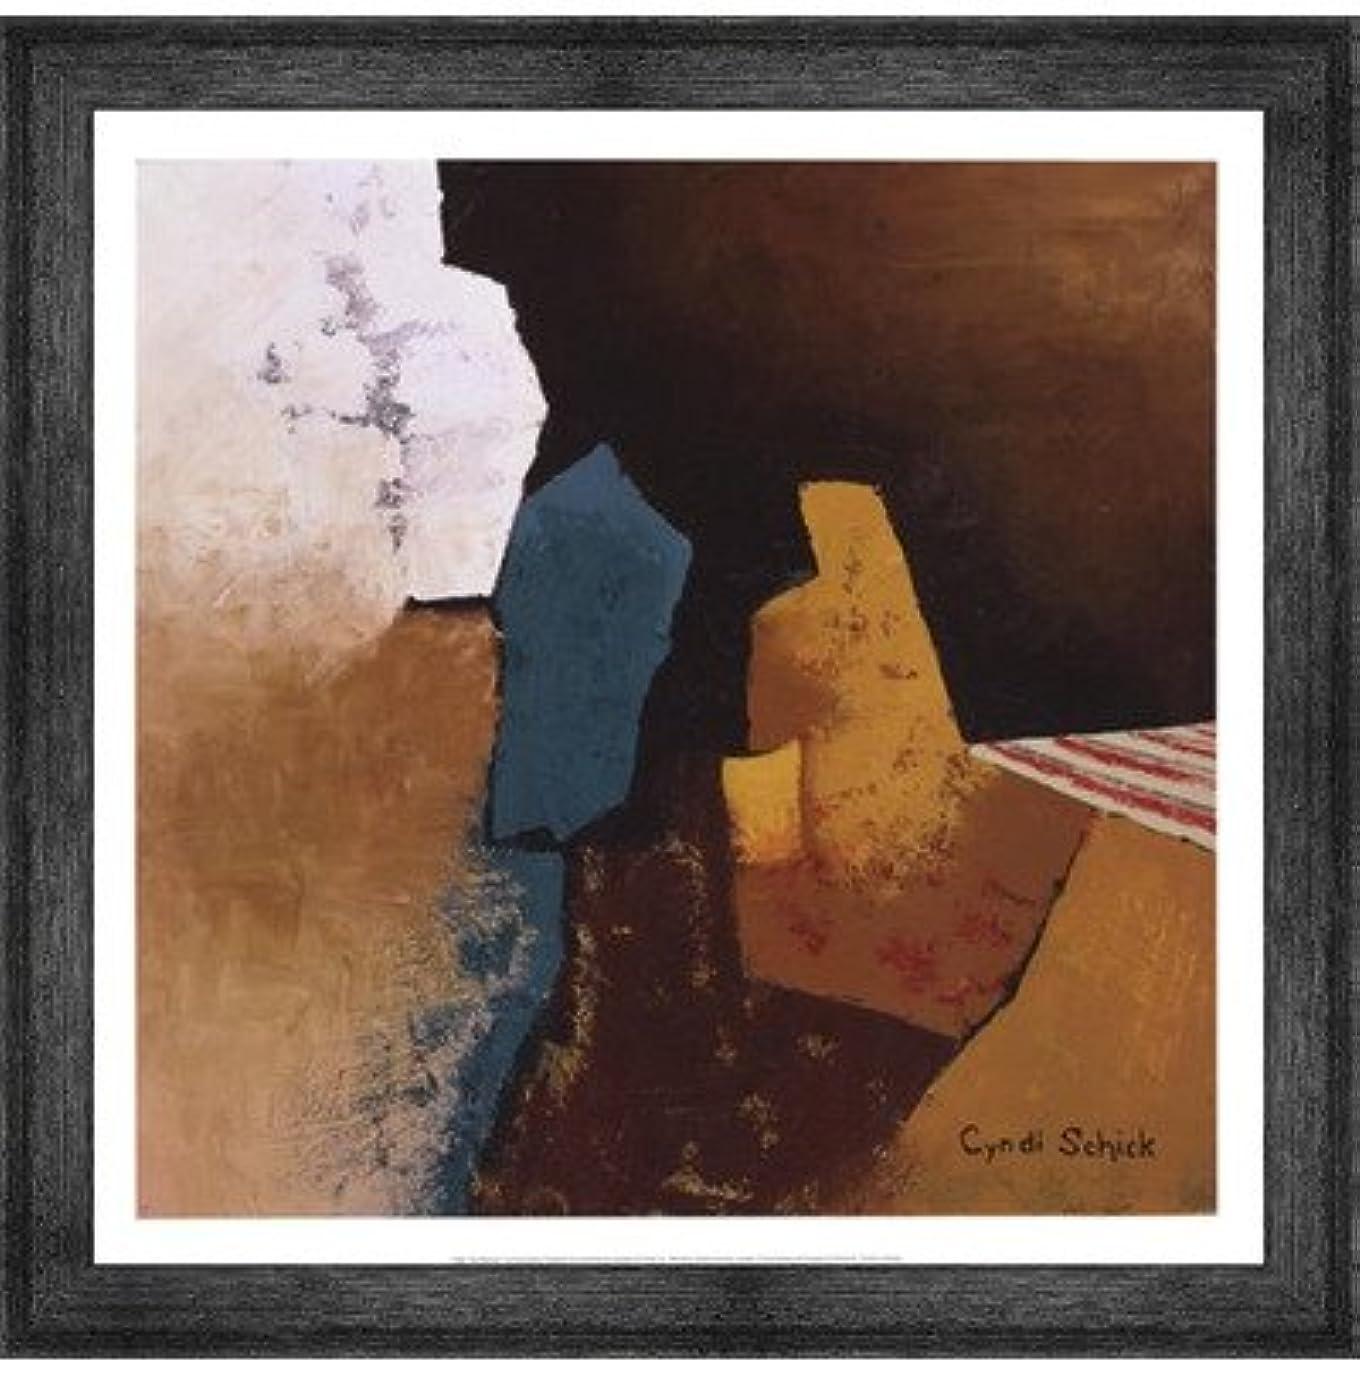 前提ポンペイかんたんティール抽象I by Cyndi Schick – 20 x 20インチ – アートプリントポスター LE_194553-F10588-20x20